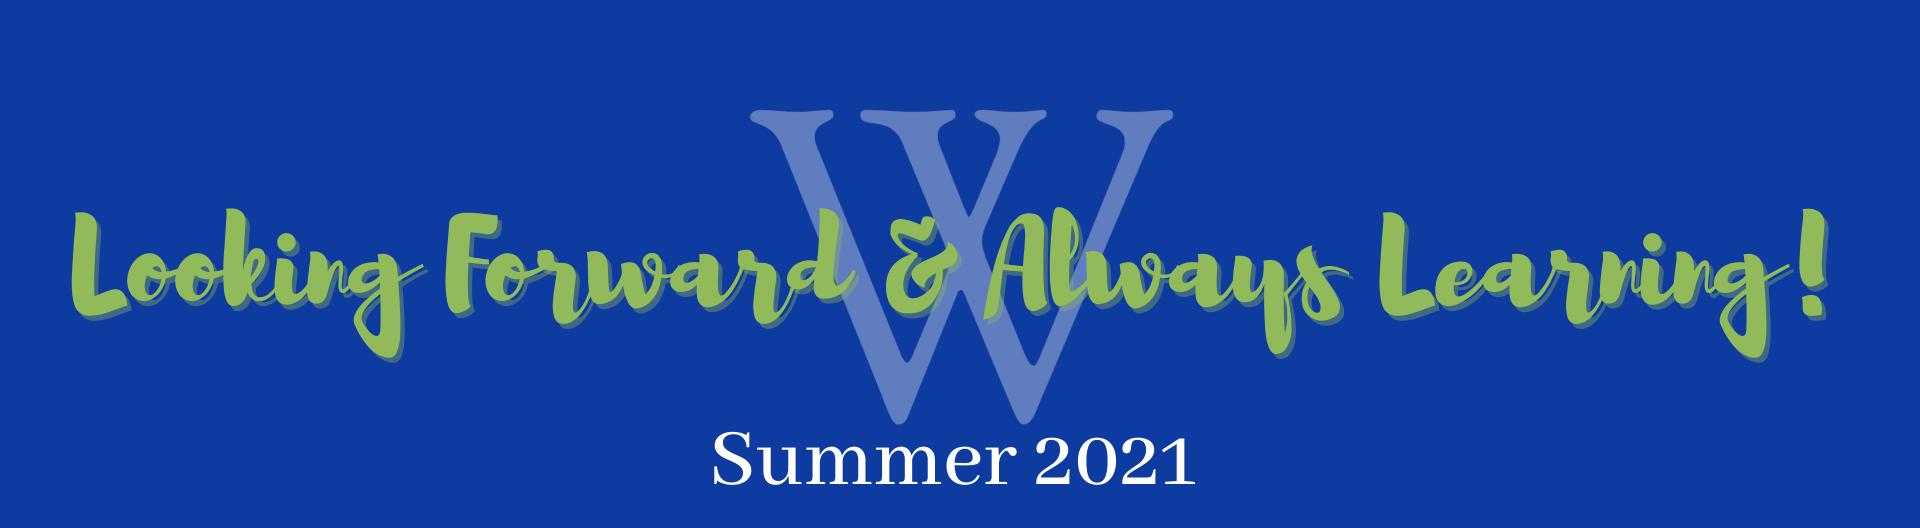 2021summerworkbanner | Westminster